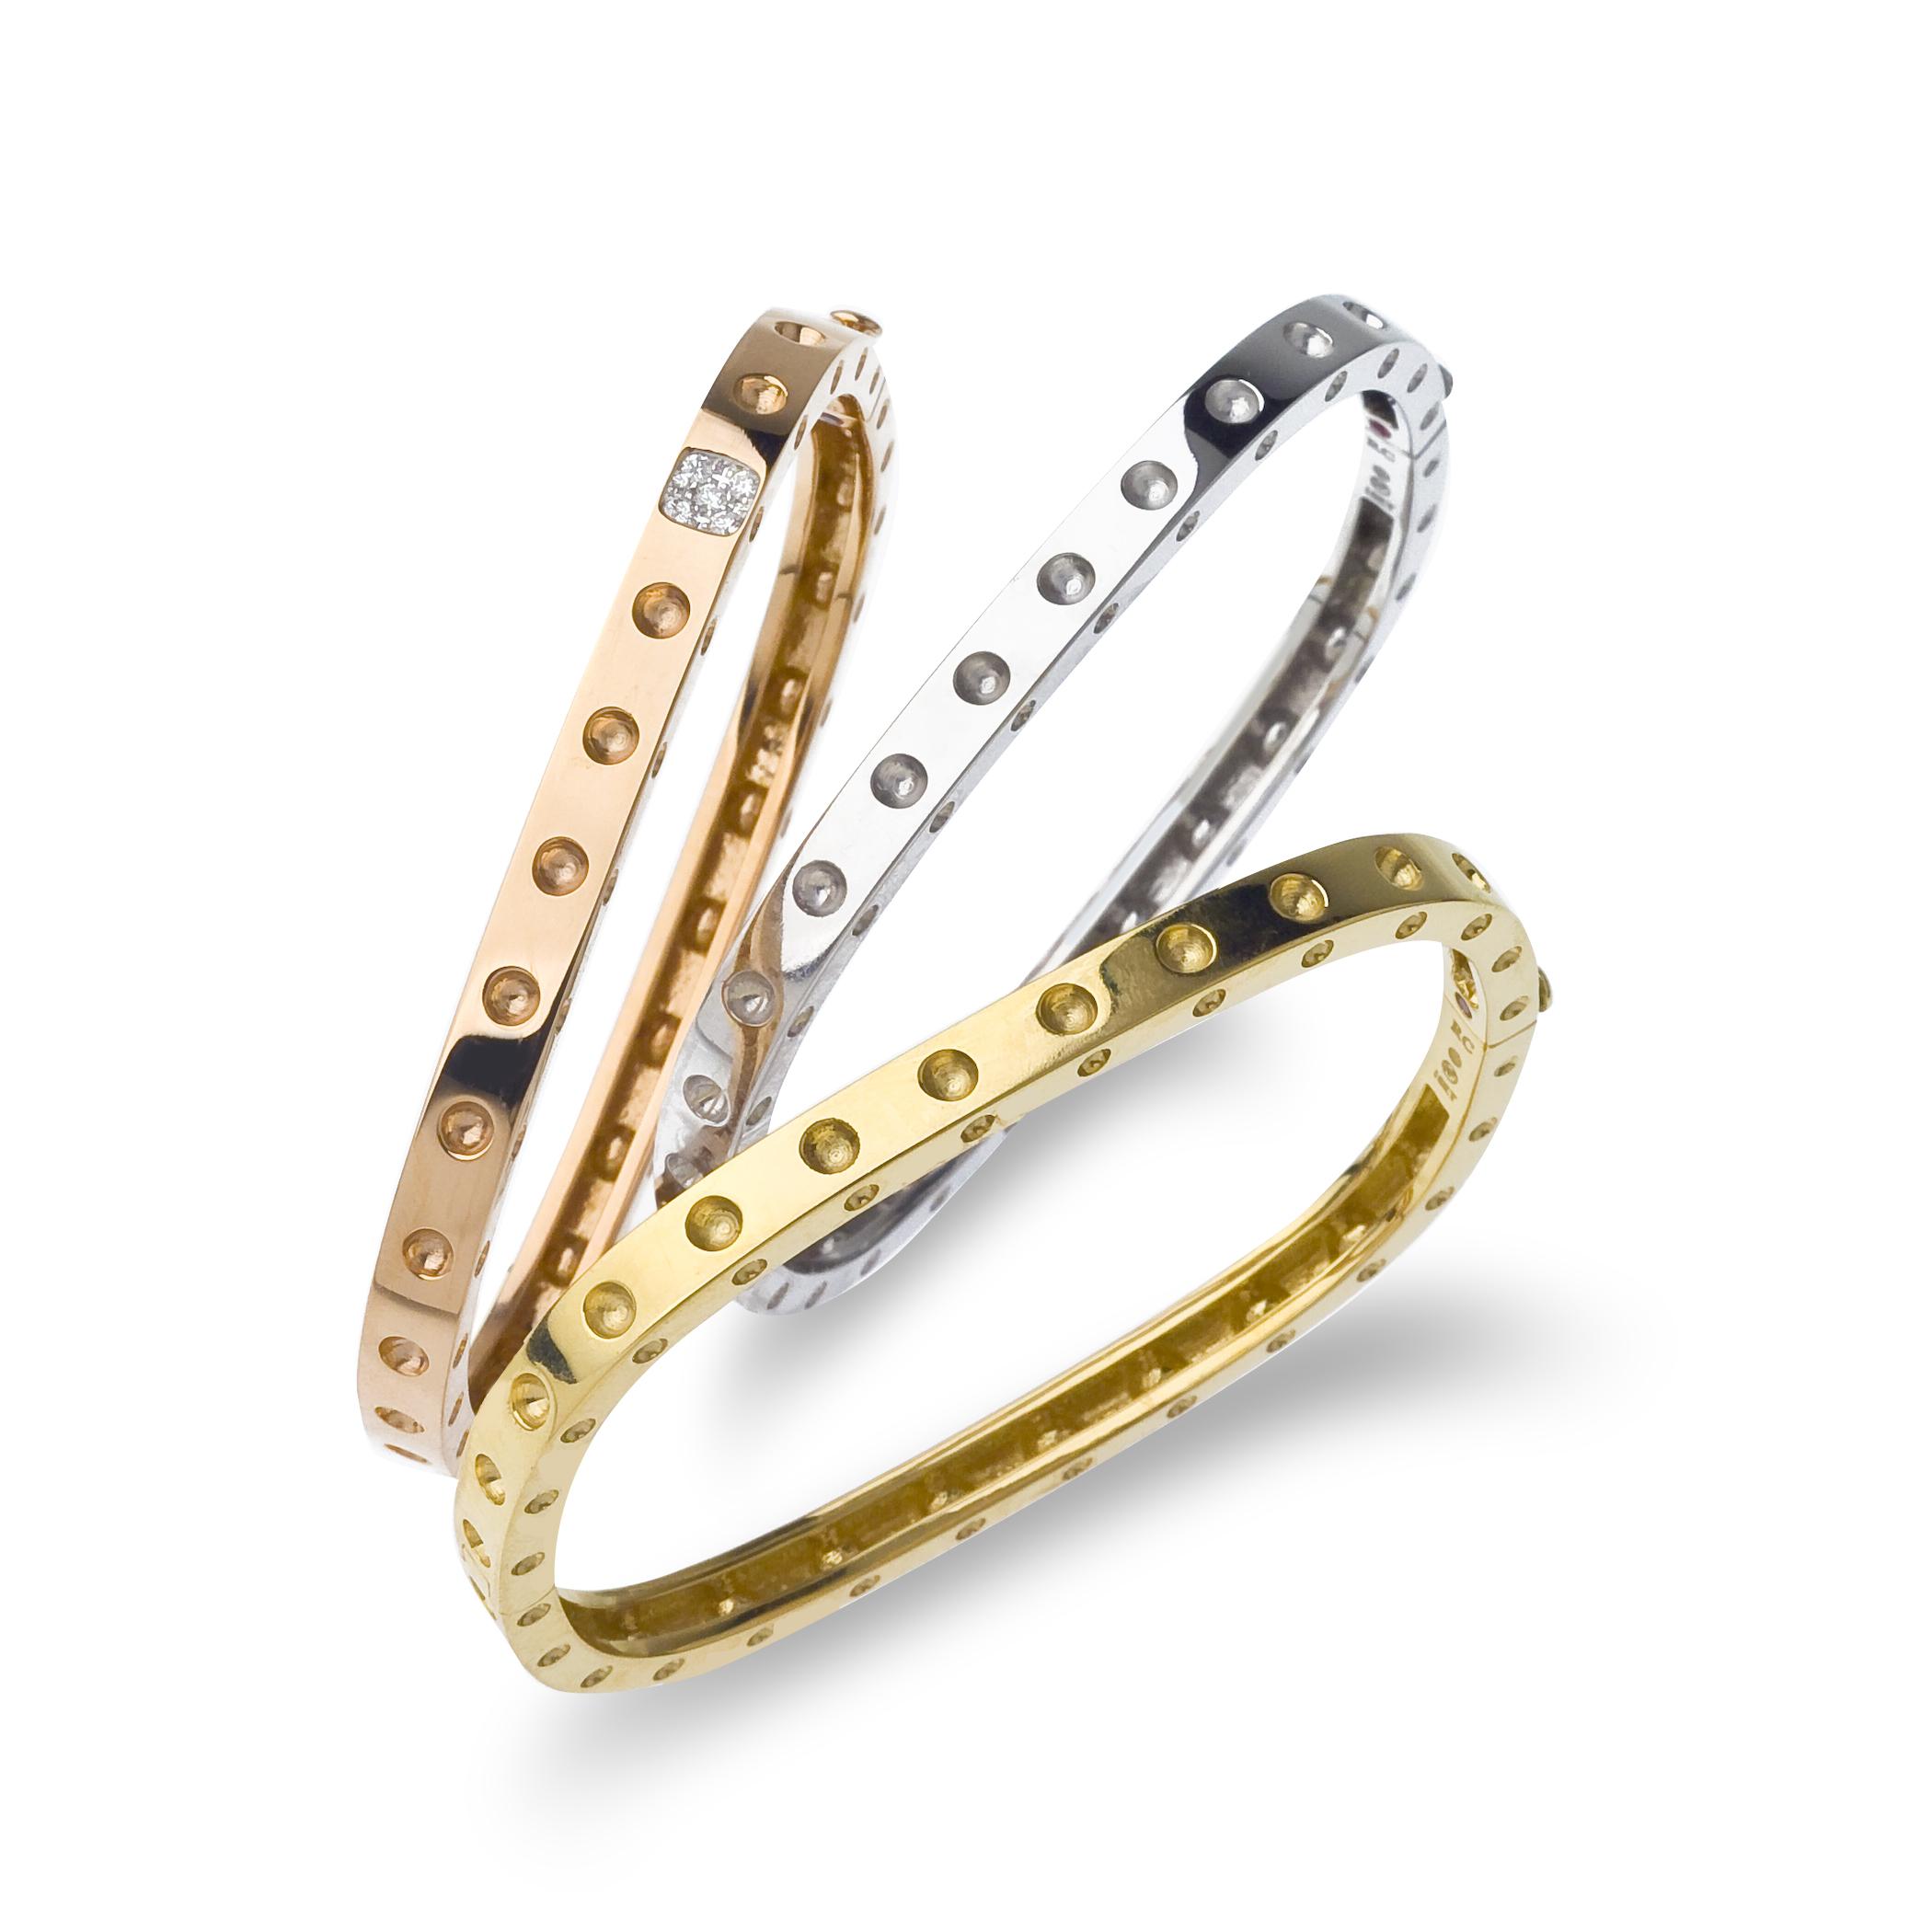 Roberto Coin Pois Mois Bracelet in 18K Gold